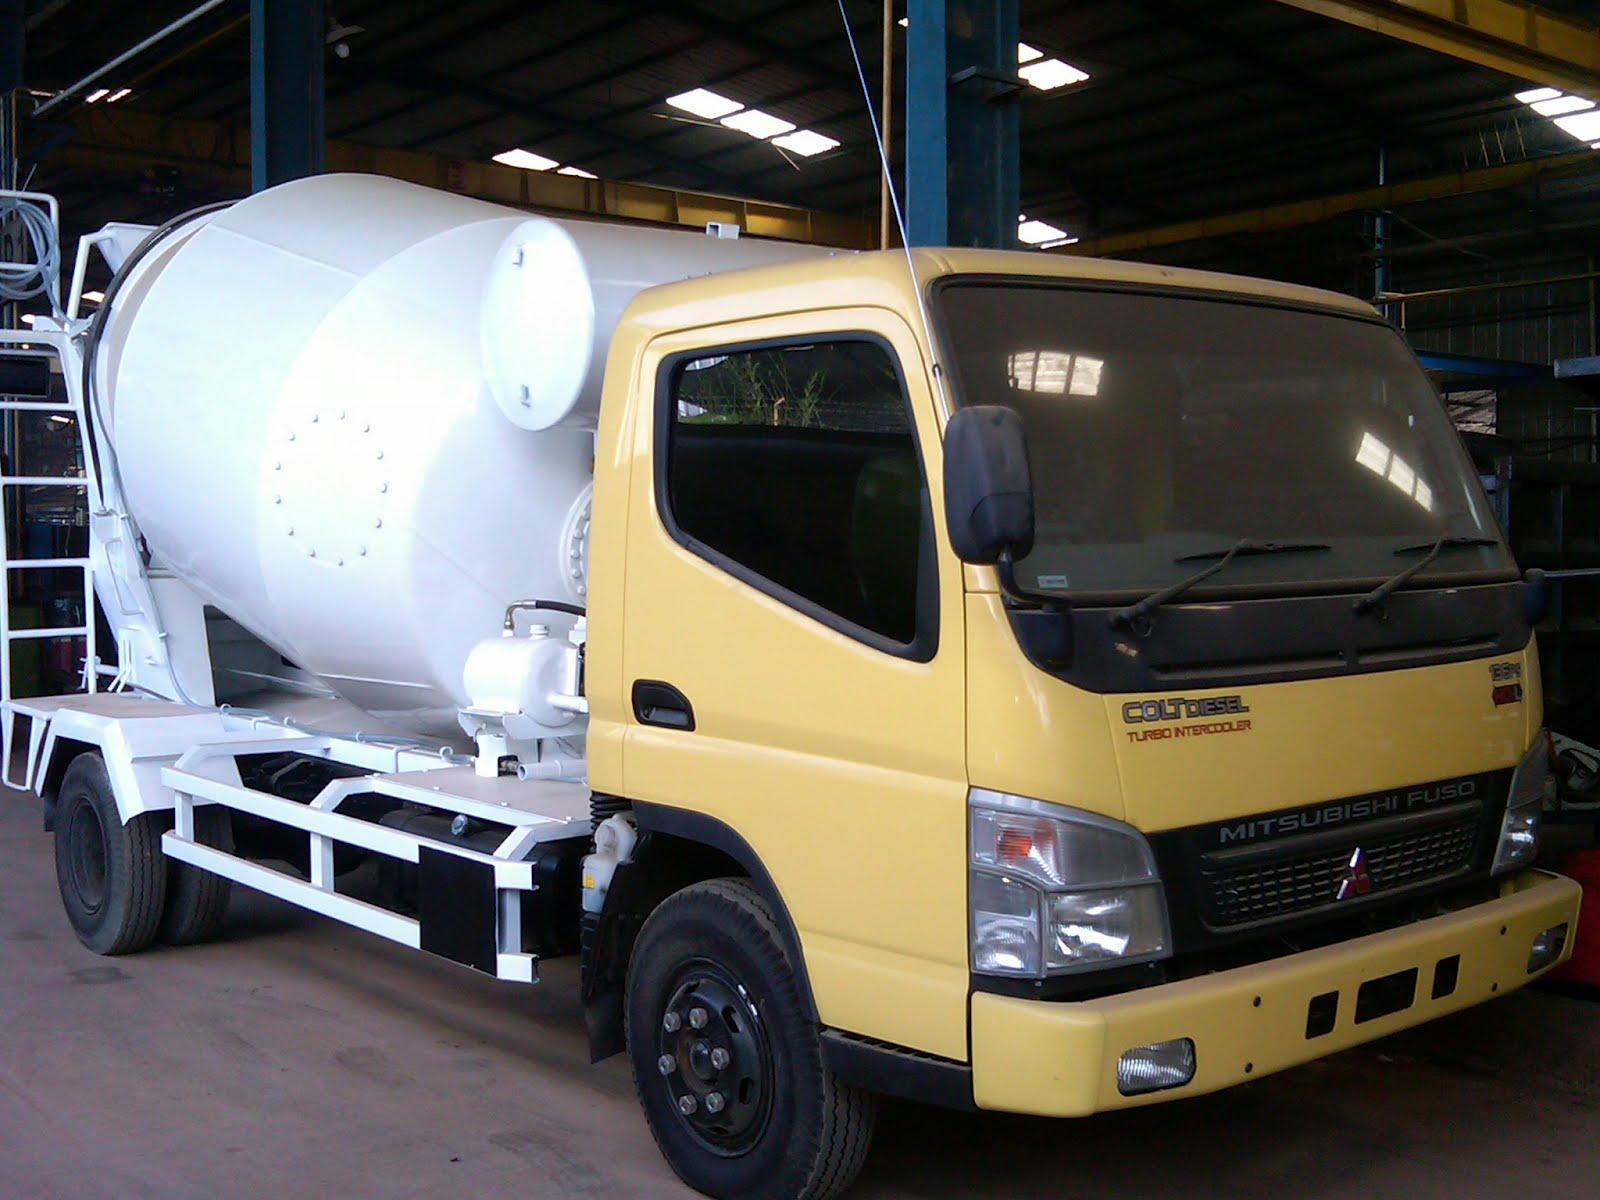 Jual Truk Mitsubishi Colt Diesel Bekas Ajilbab Portal Foto Artis ...